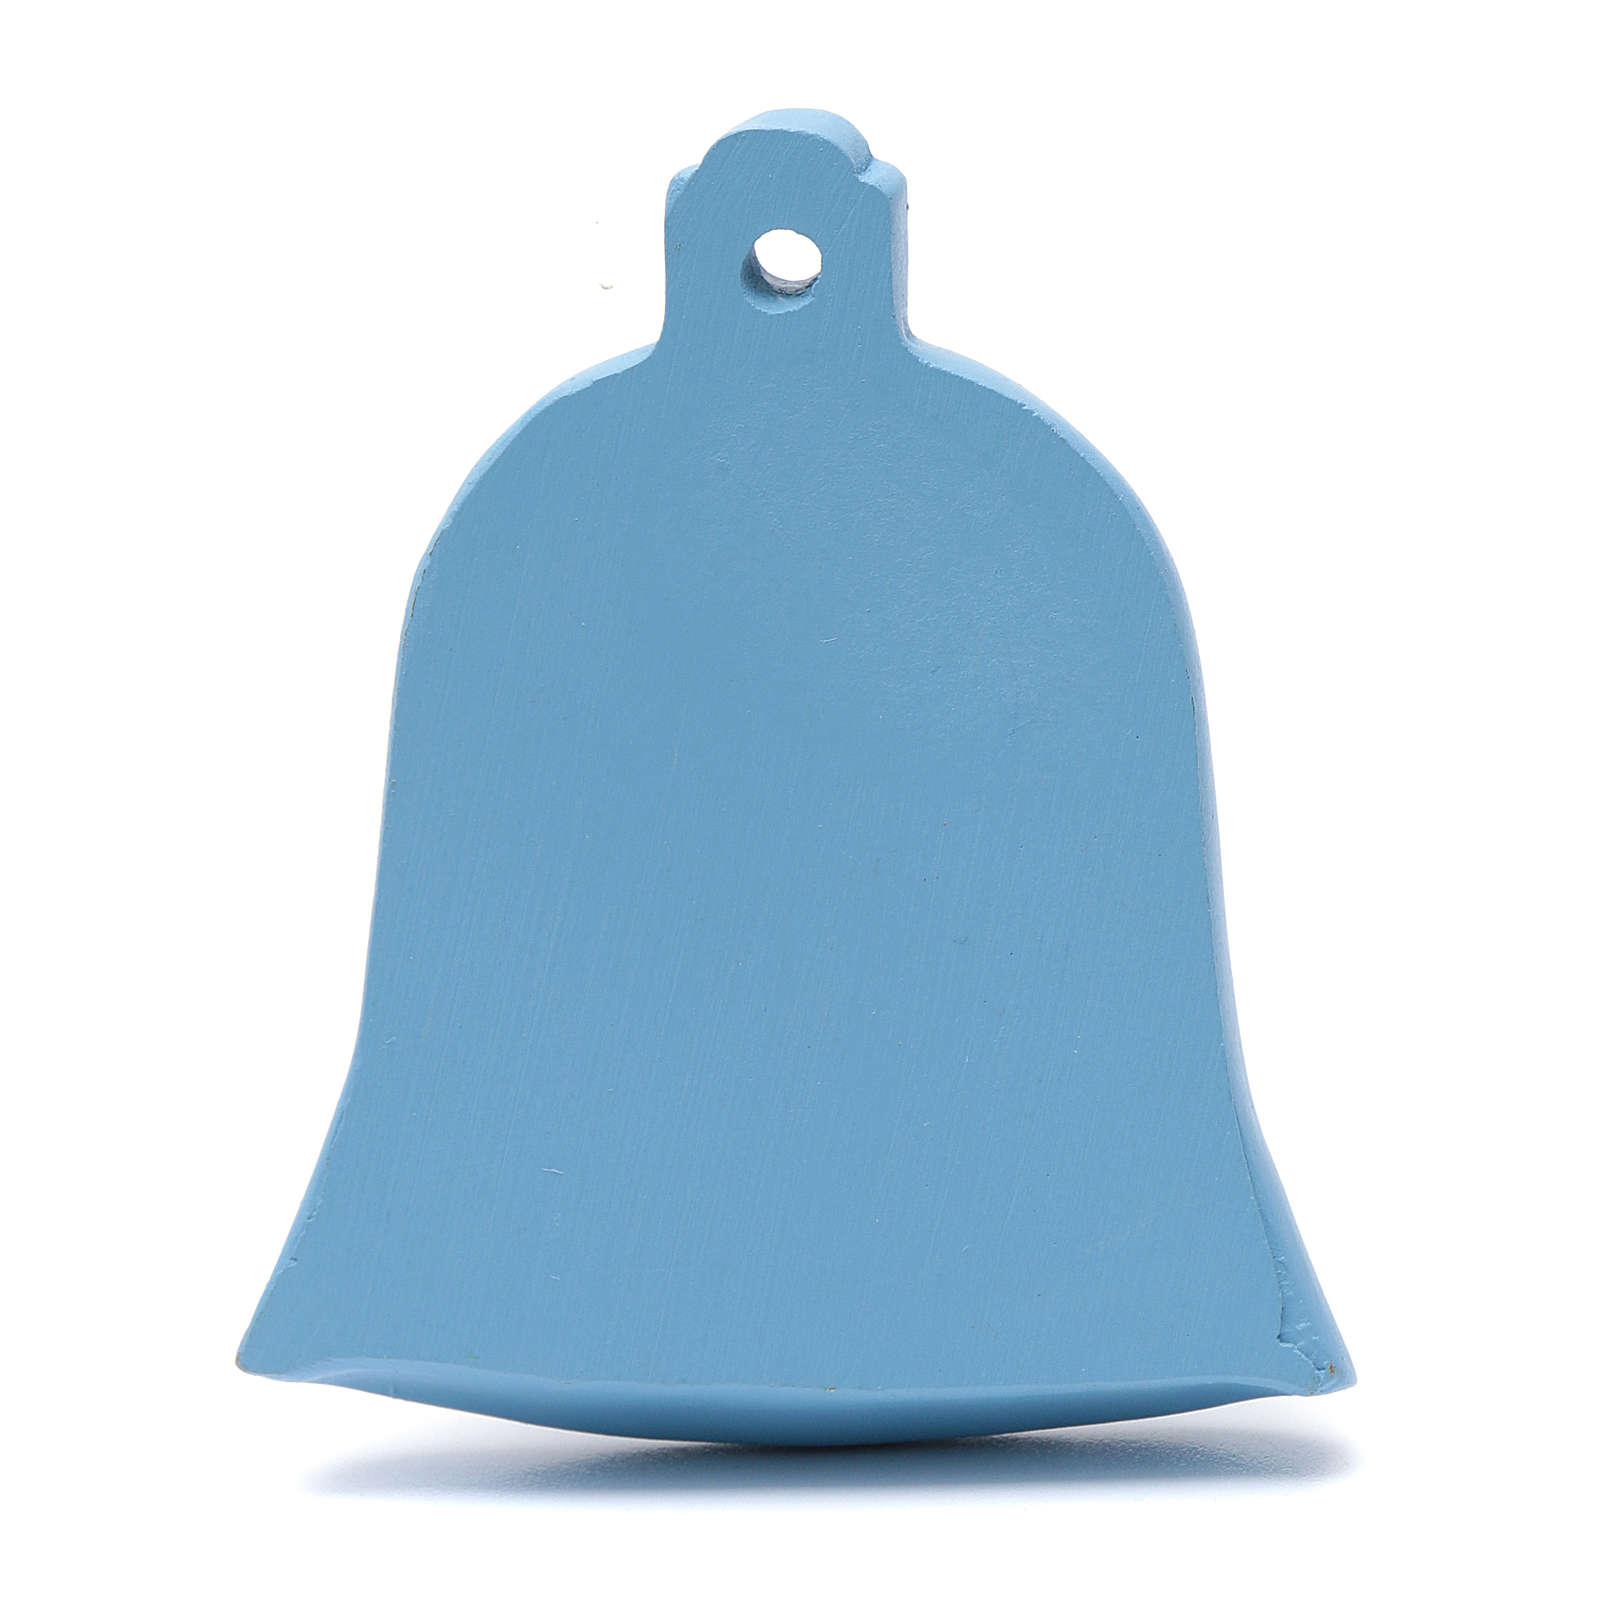 Décoration clochette bleu nativité 8 cm 4